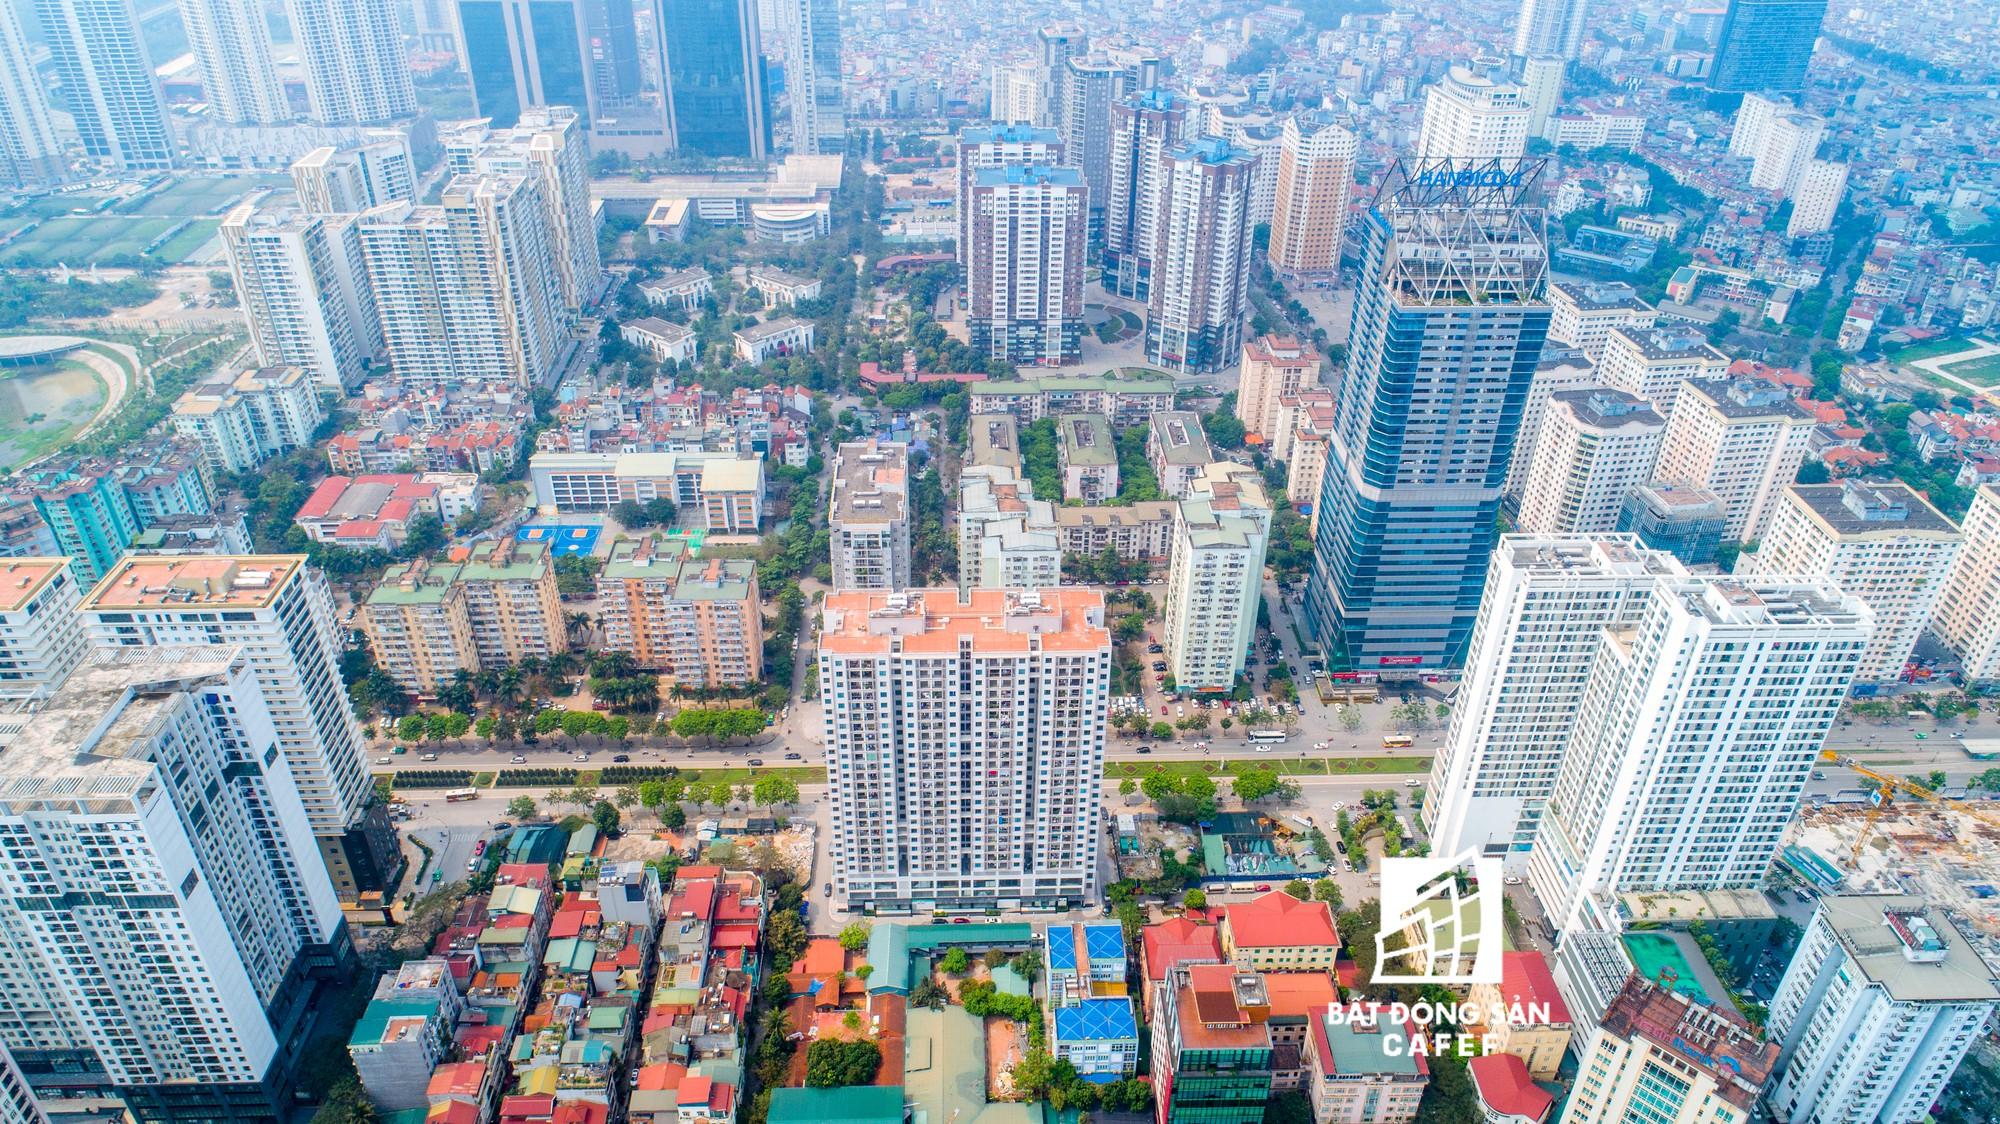 Toàn cảnh rừng cao ốc đang bóp nghẹt khu đô thị kiểu mẫu bậc nhất Hà Nội - Ảnh 5.